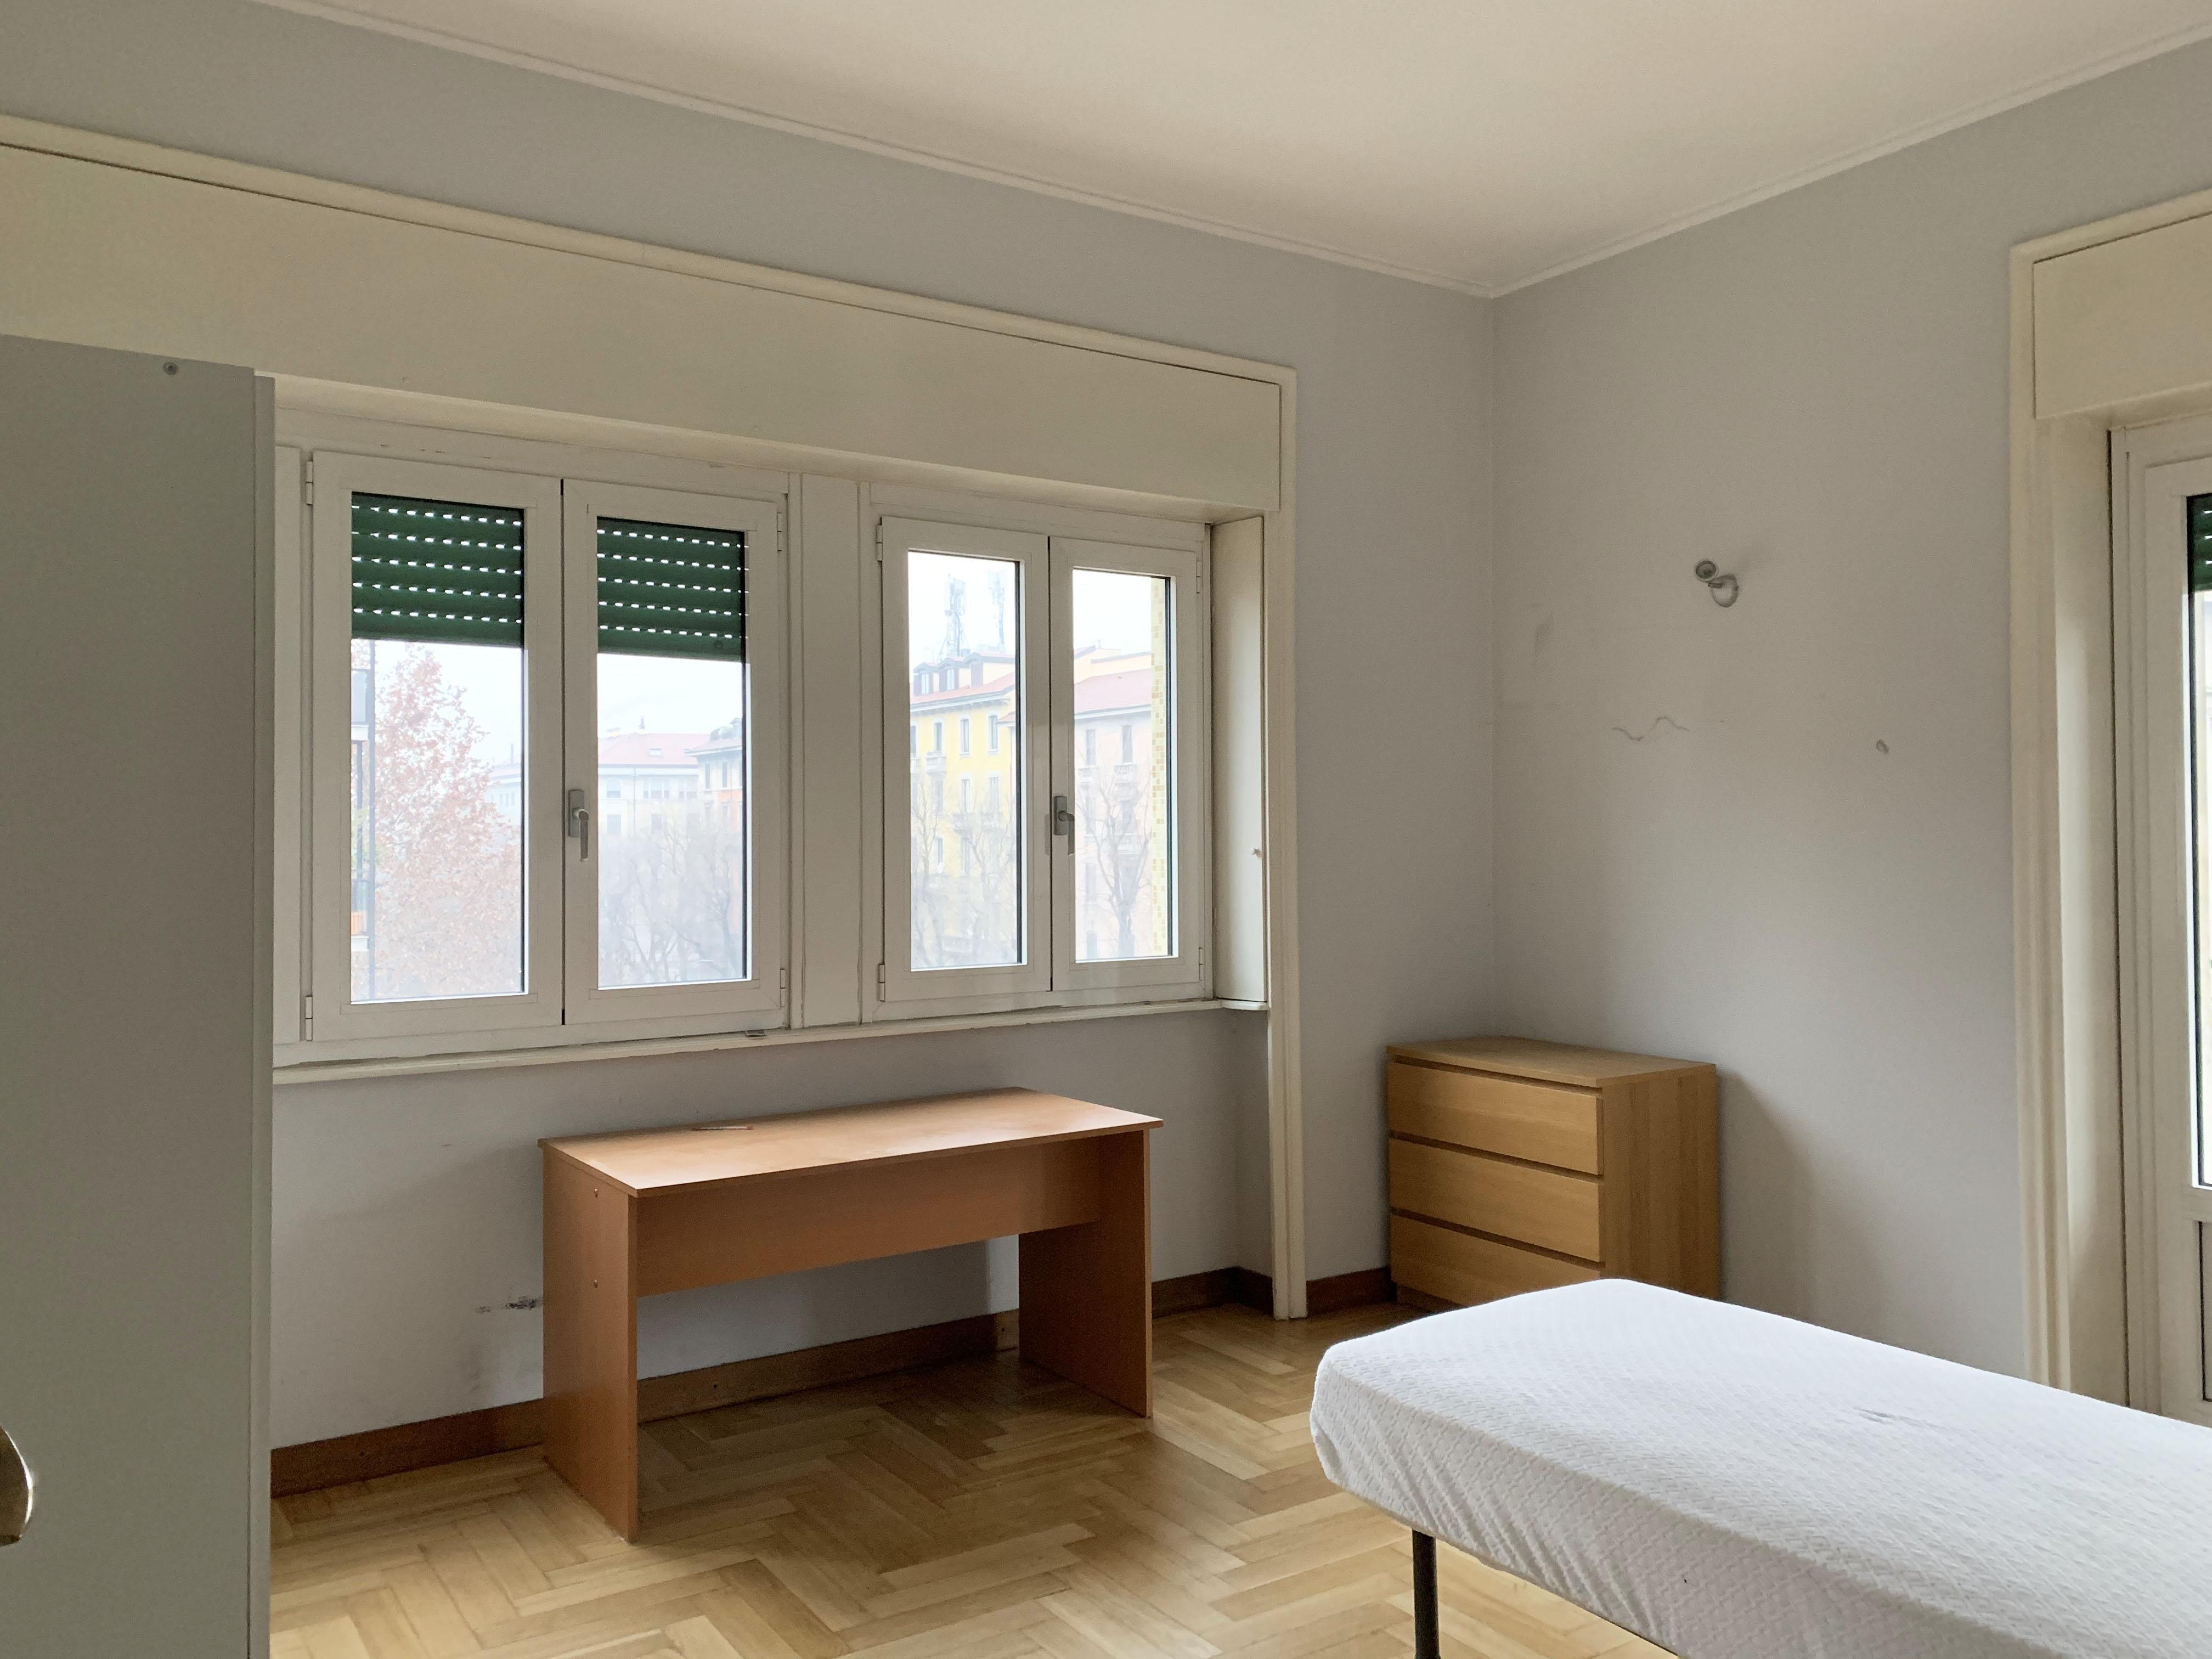 appartamento Bocconi, arredato con 4 camere da letto